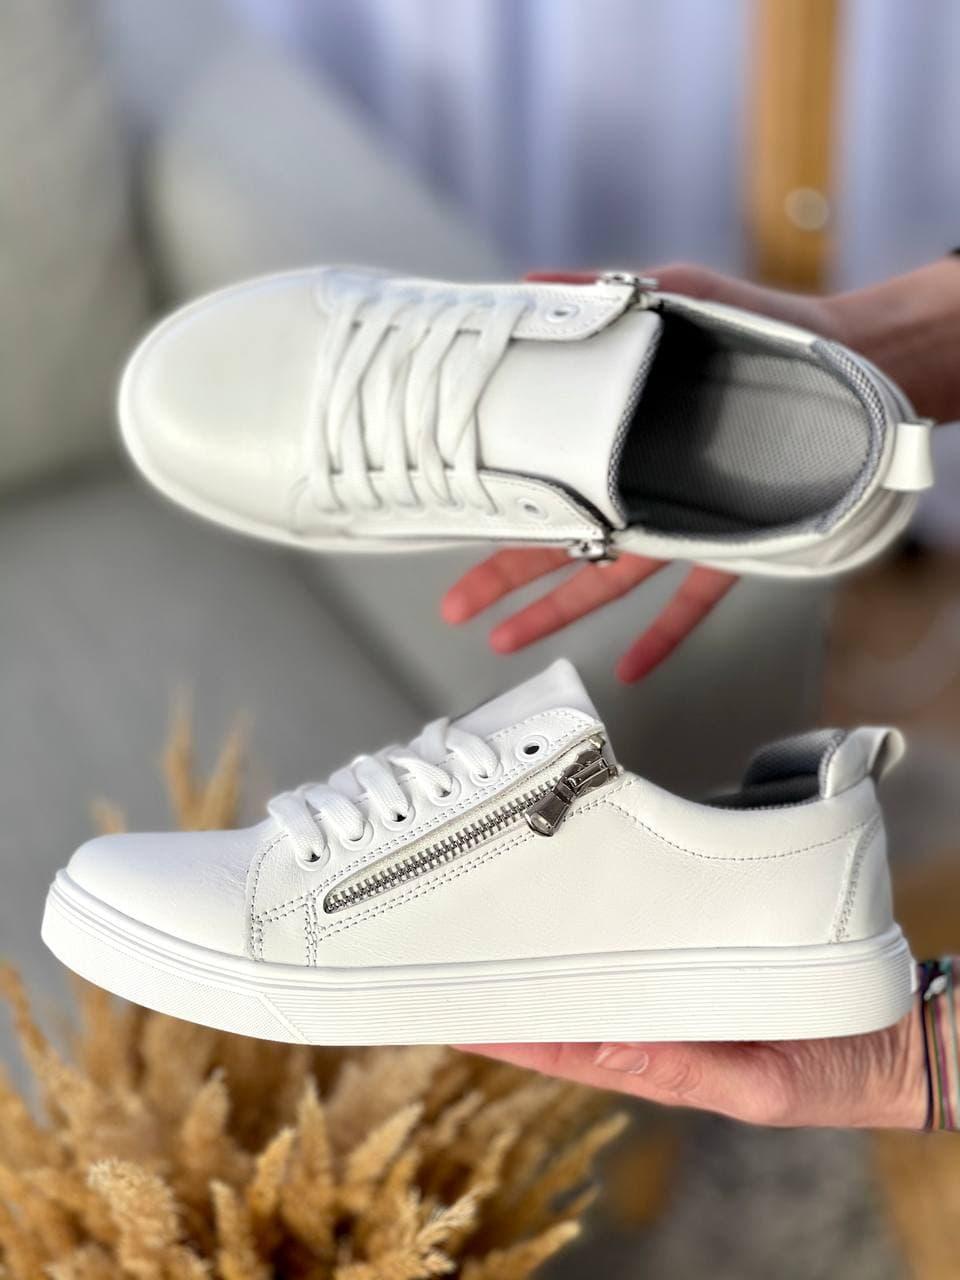 Подростковые кеды кожаные весна/осень белые Emirro White (36,37 разм)